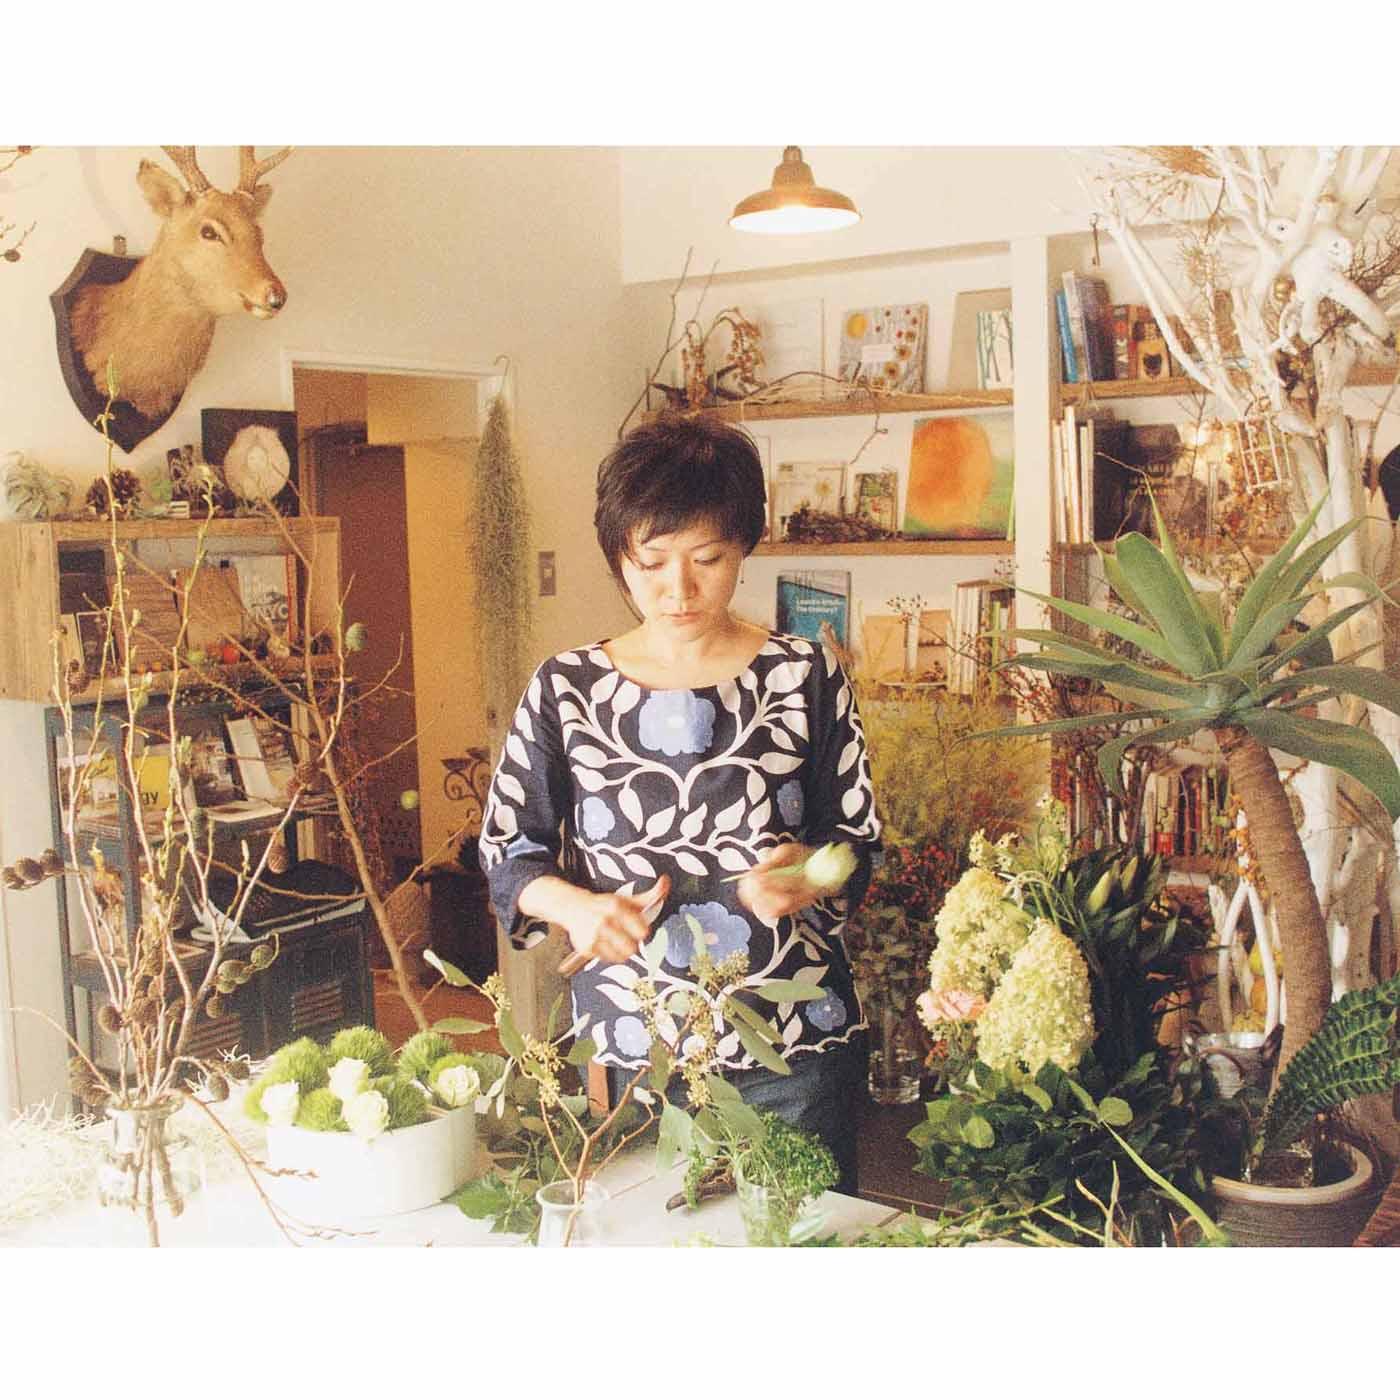 【西間木 恵(にしまぎ めぐみ)さん/宮城県仙台市】フラワーデコレーター、花空間演出家。日本でウエディング専門のフラワーコーディネイターとして約1,000件以上をプロデュース。2005年に渡仏し、パリのトップフルーリストのもとで修業。2010年にふるさとである仙台に拠点を移し、花を通じてパリと仙台をつなぐ活動やイベントをはじめ、フラワーレッスンや、アーティストとのコラボなど多方面で活躍中